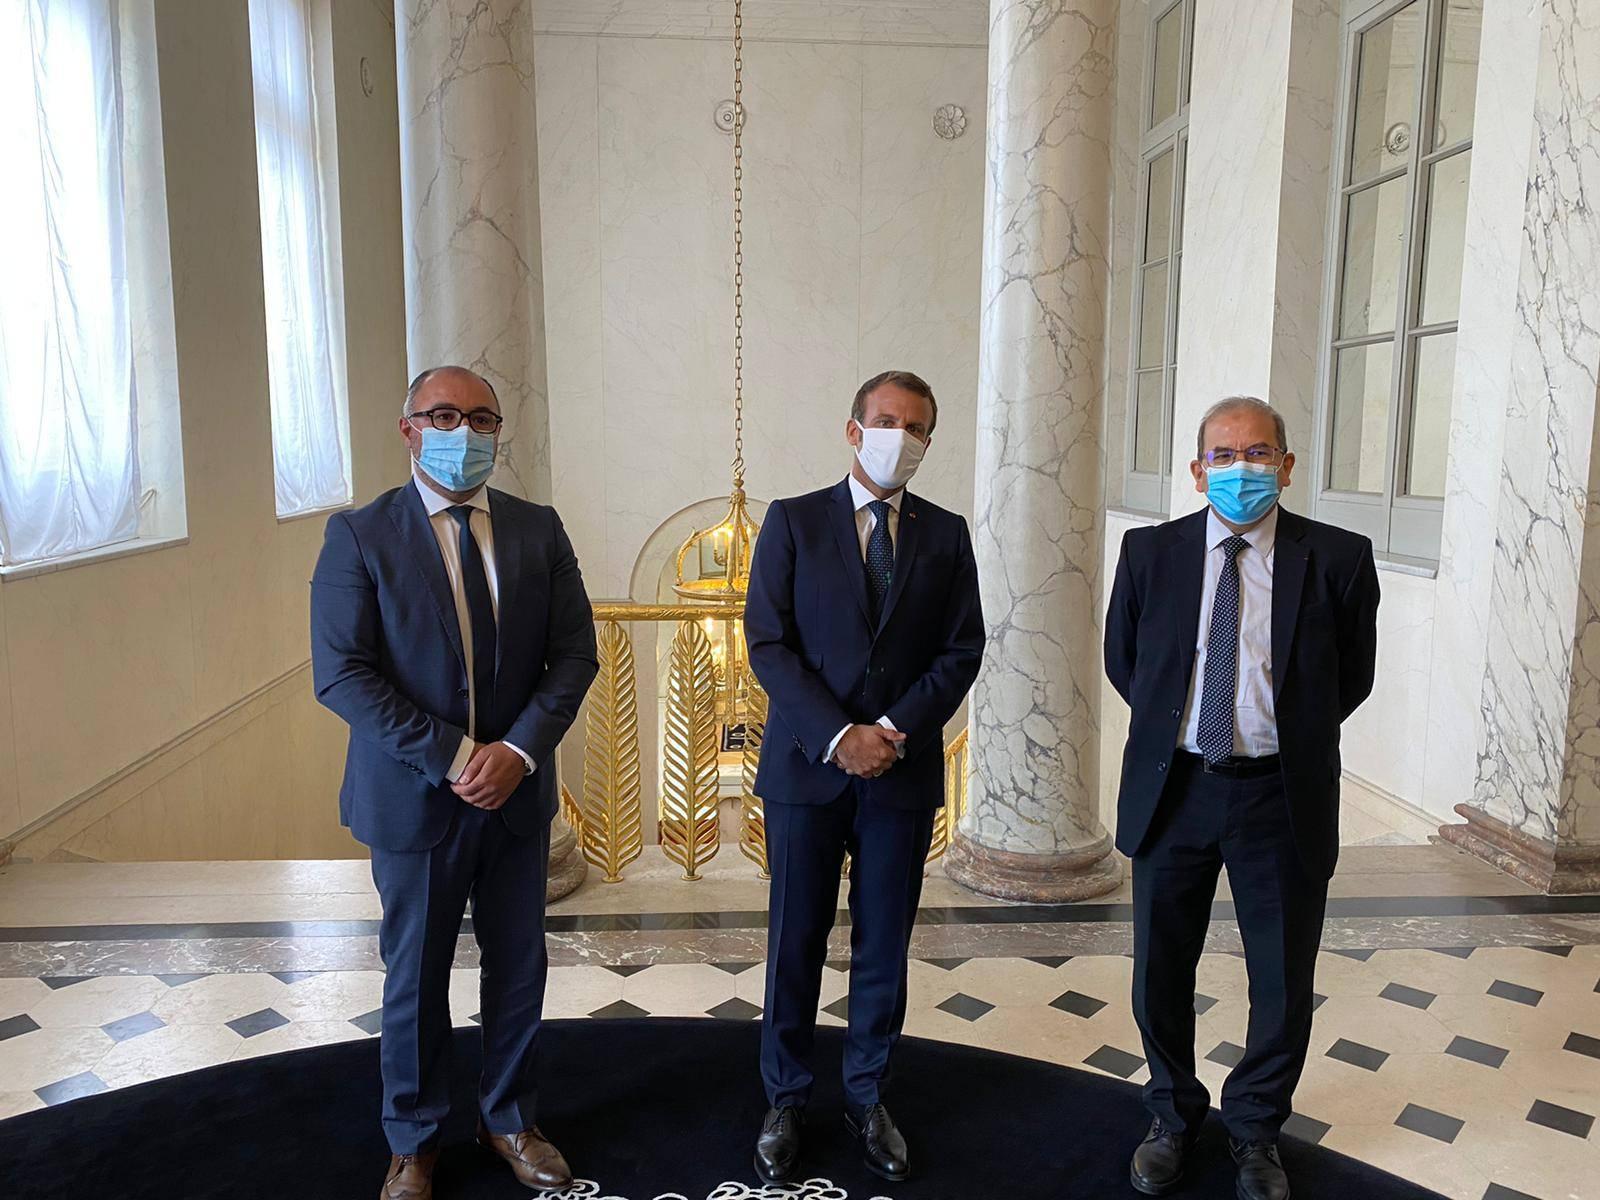 Rencontre du CFCM avec le Président de la République M. Emmanuel Macron